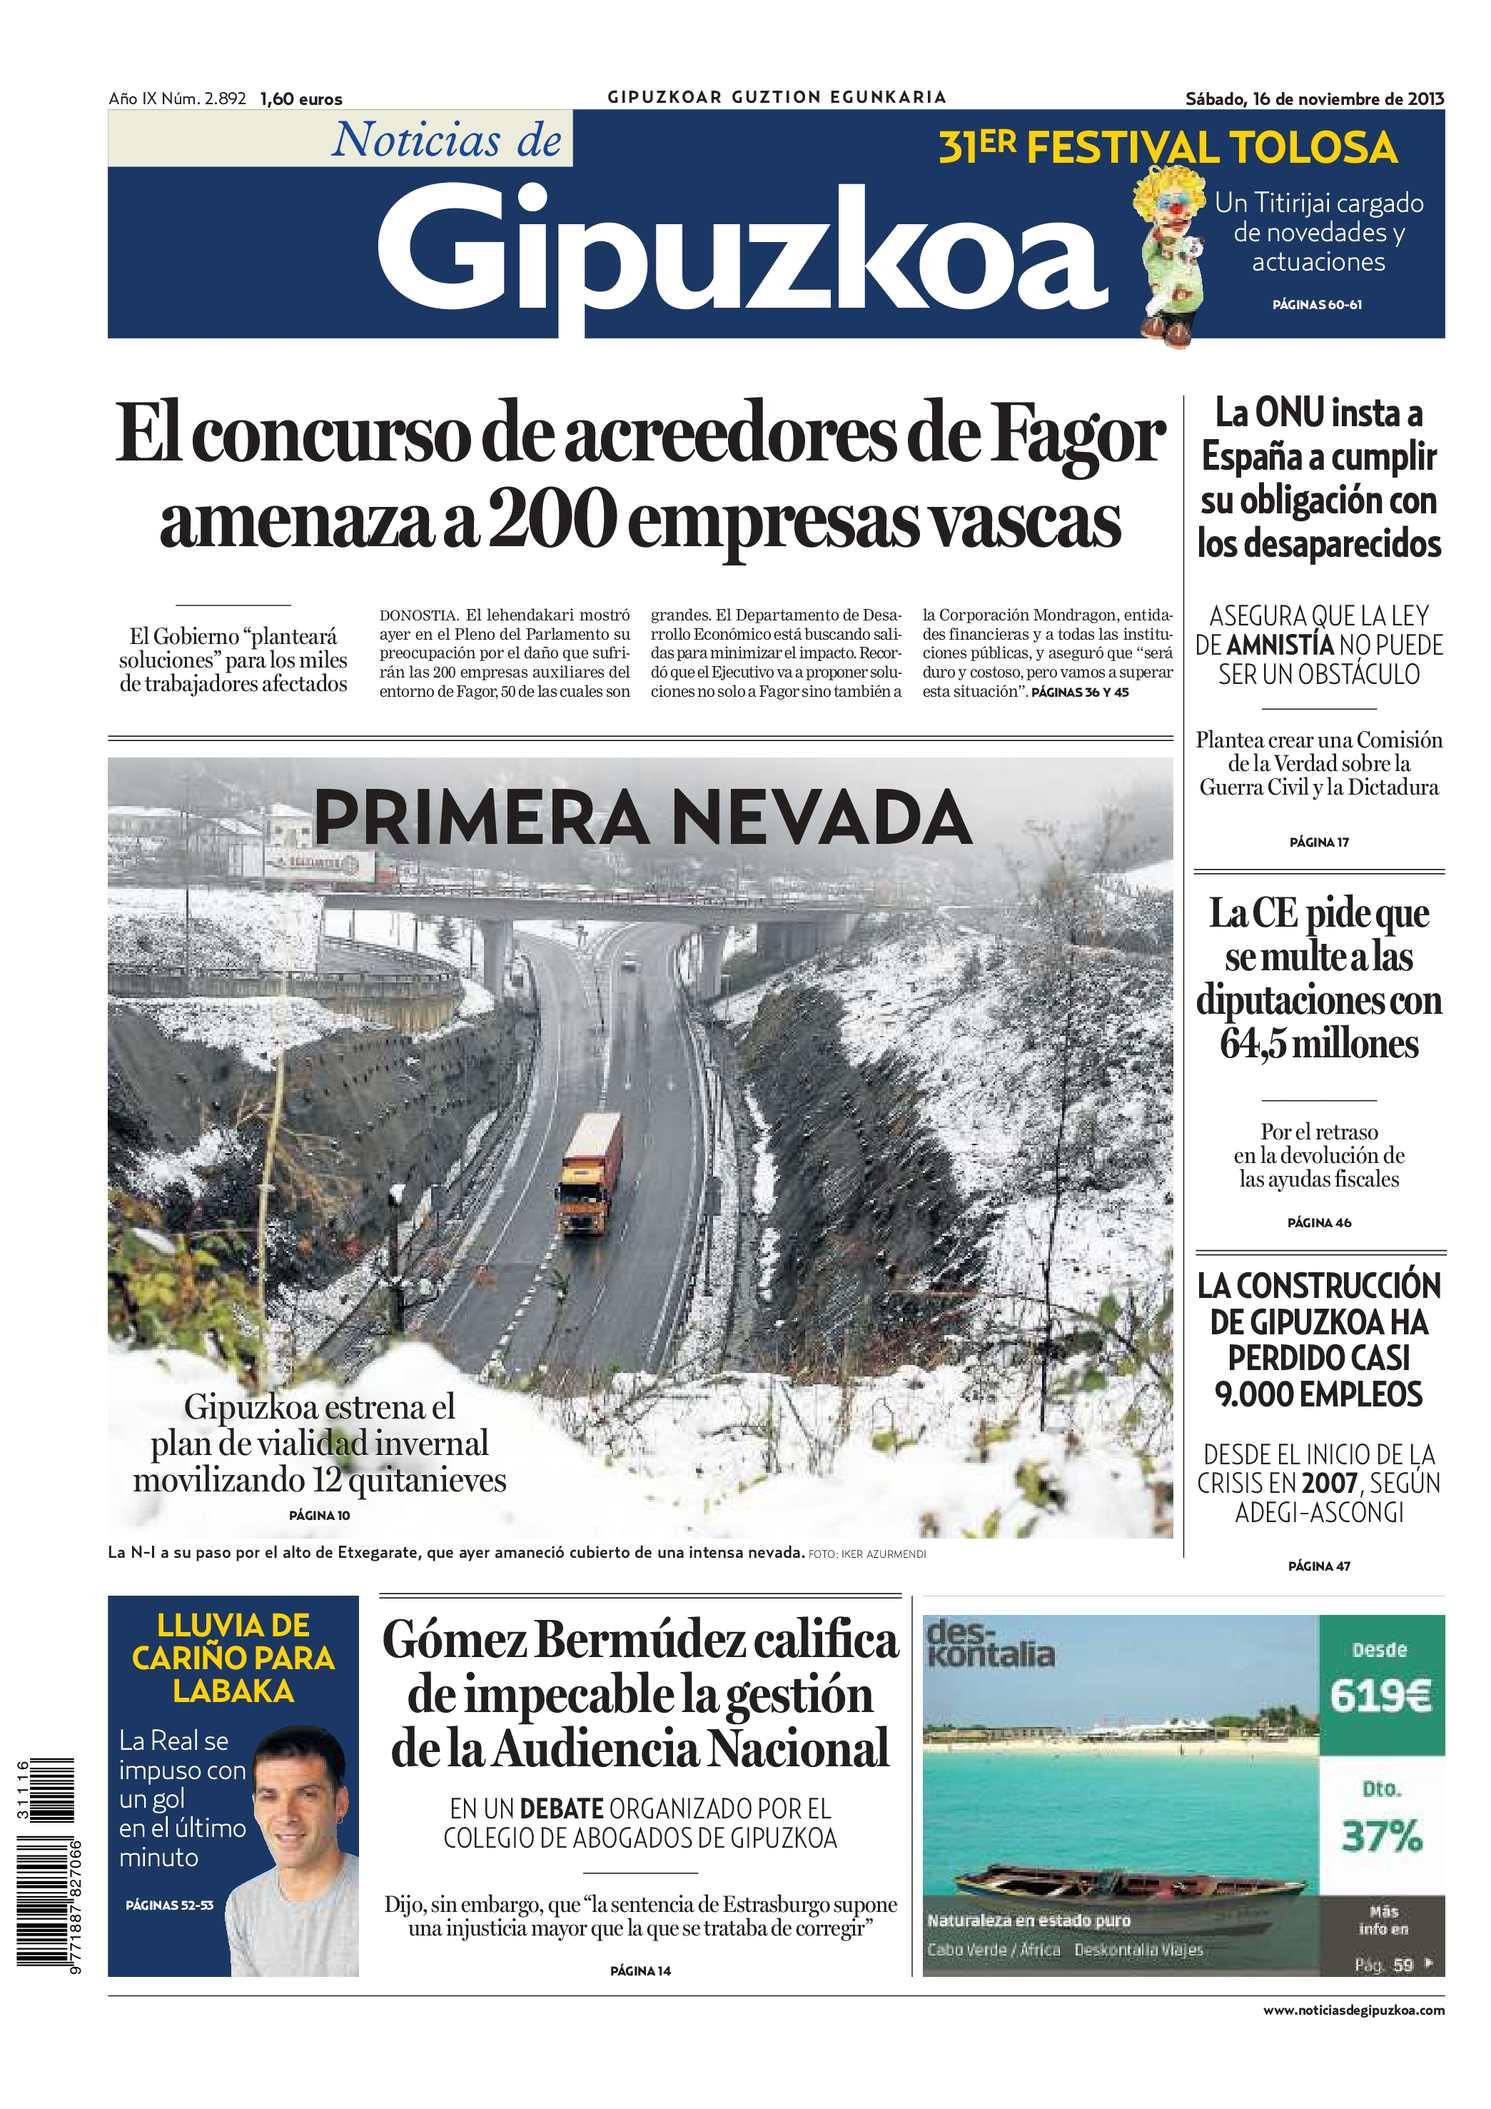 453b9612d4 Calaméo - Noticias de Gipuzkoa 20131116